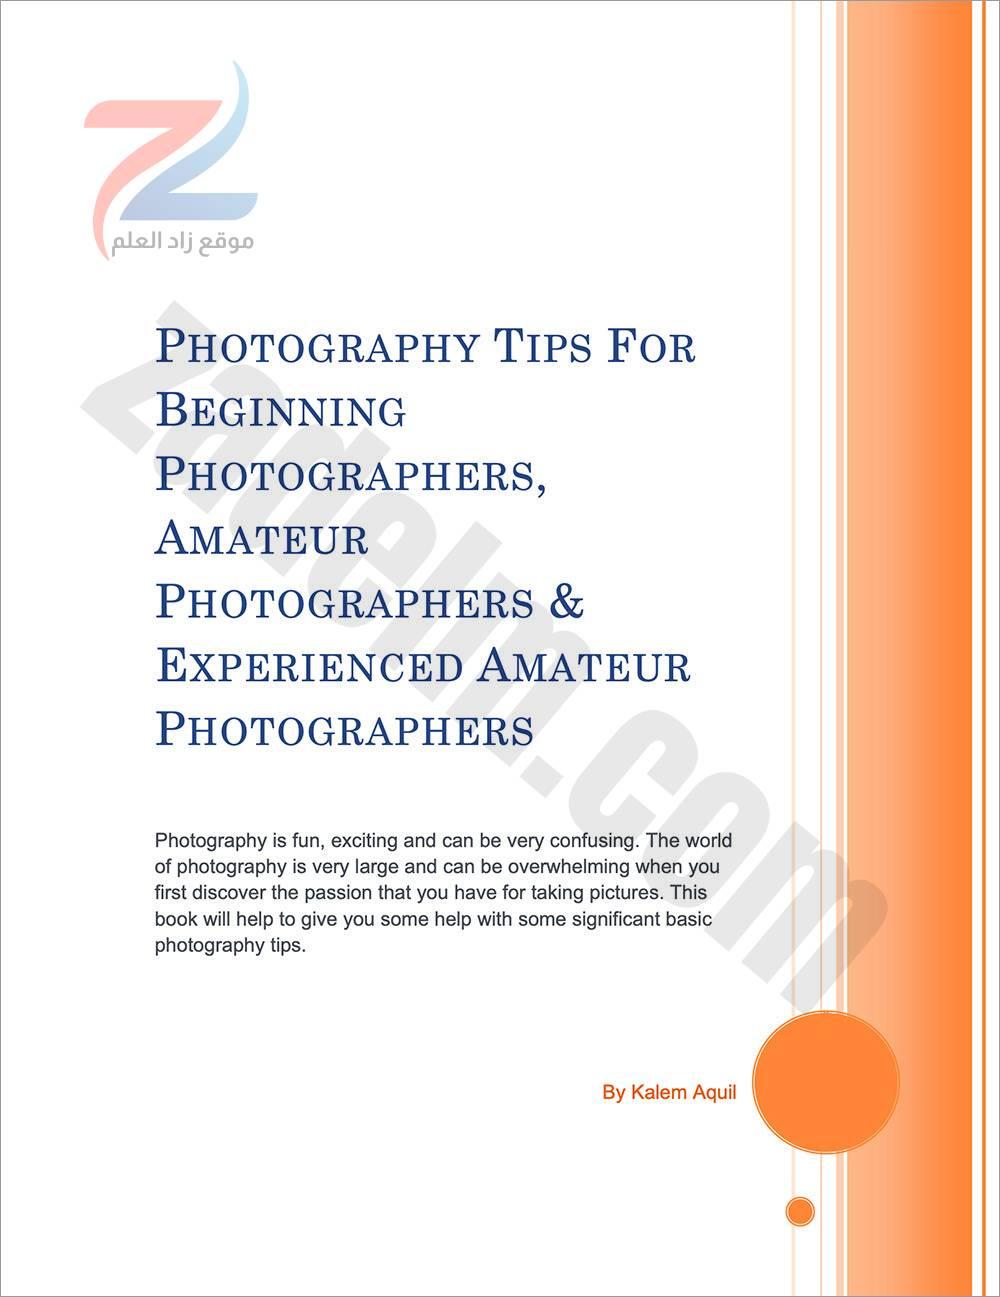 نصائح للتصوير الفوتوغرافي للمصورين